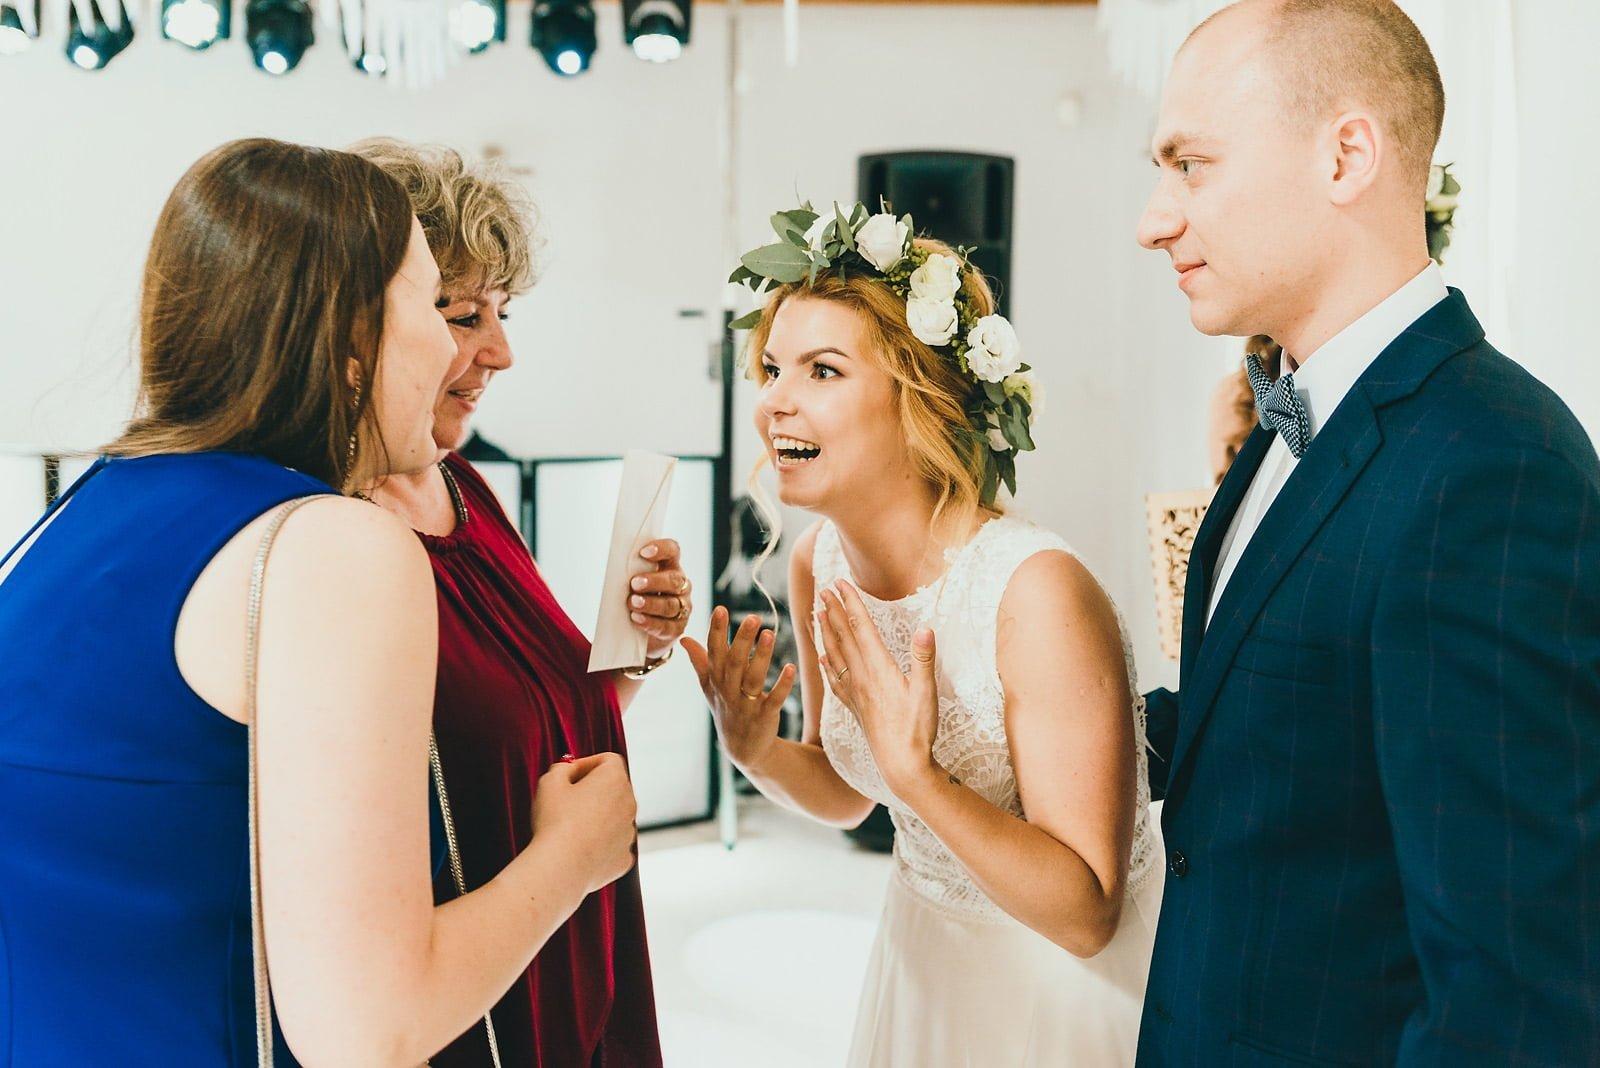 Justyna i Szymon - plenerowy ślub w stylu boho 55